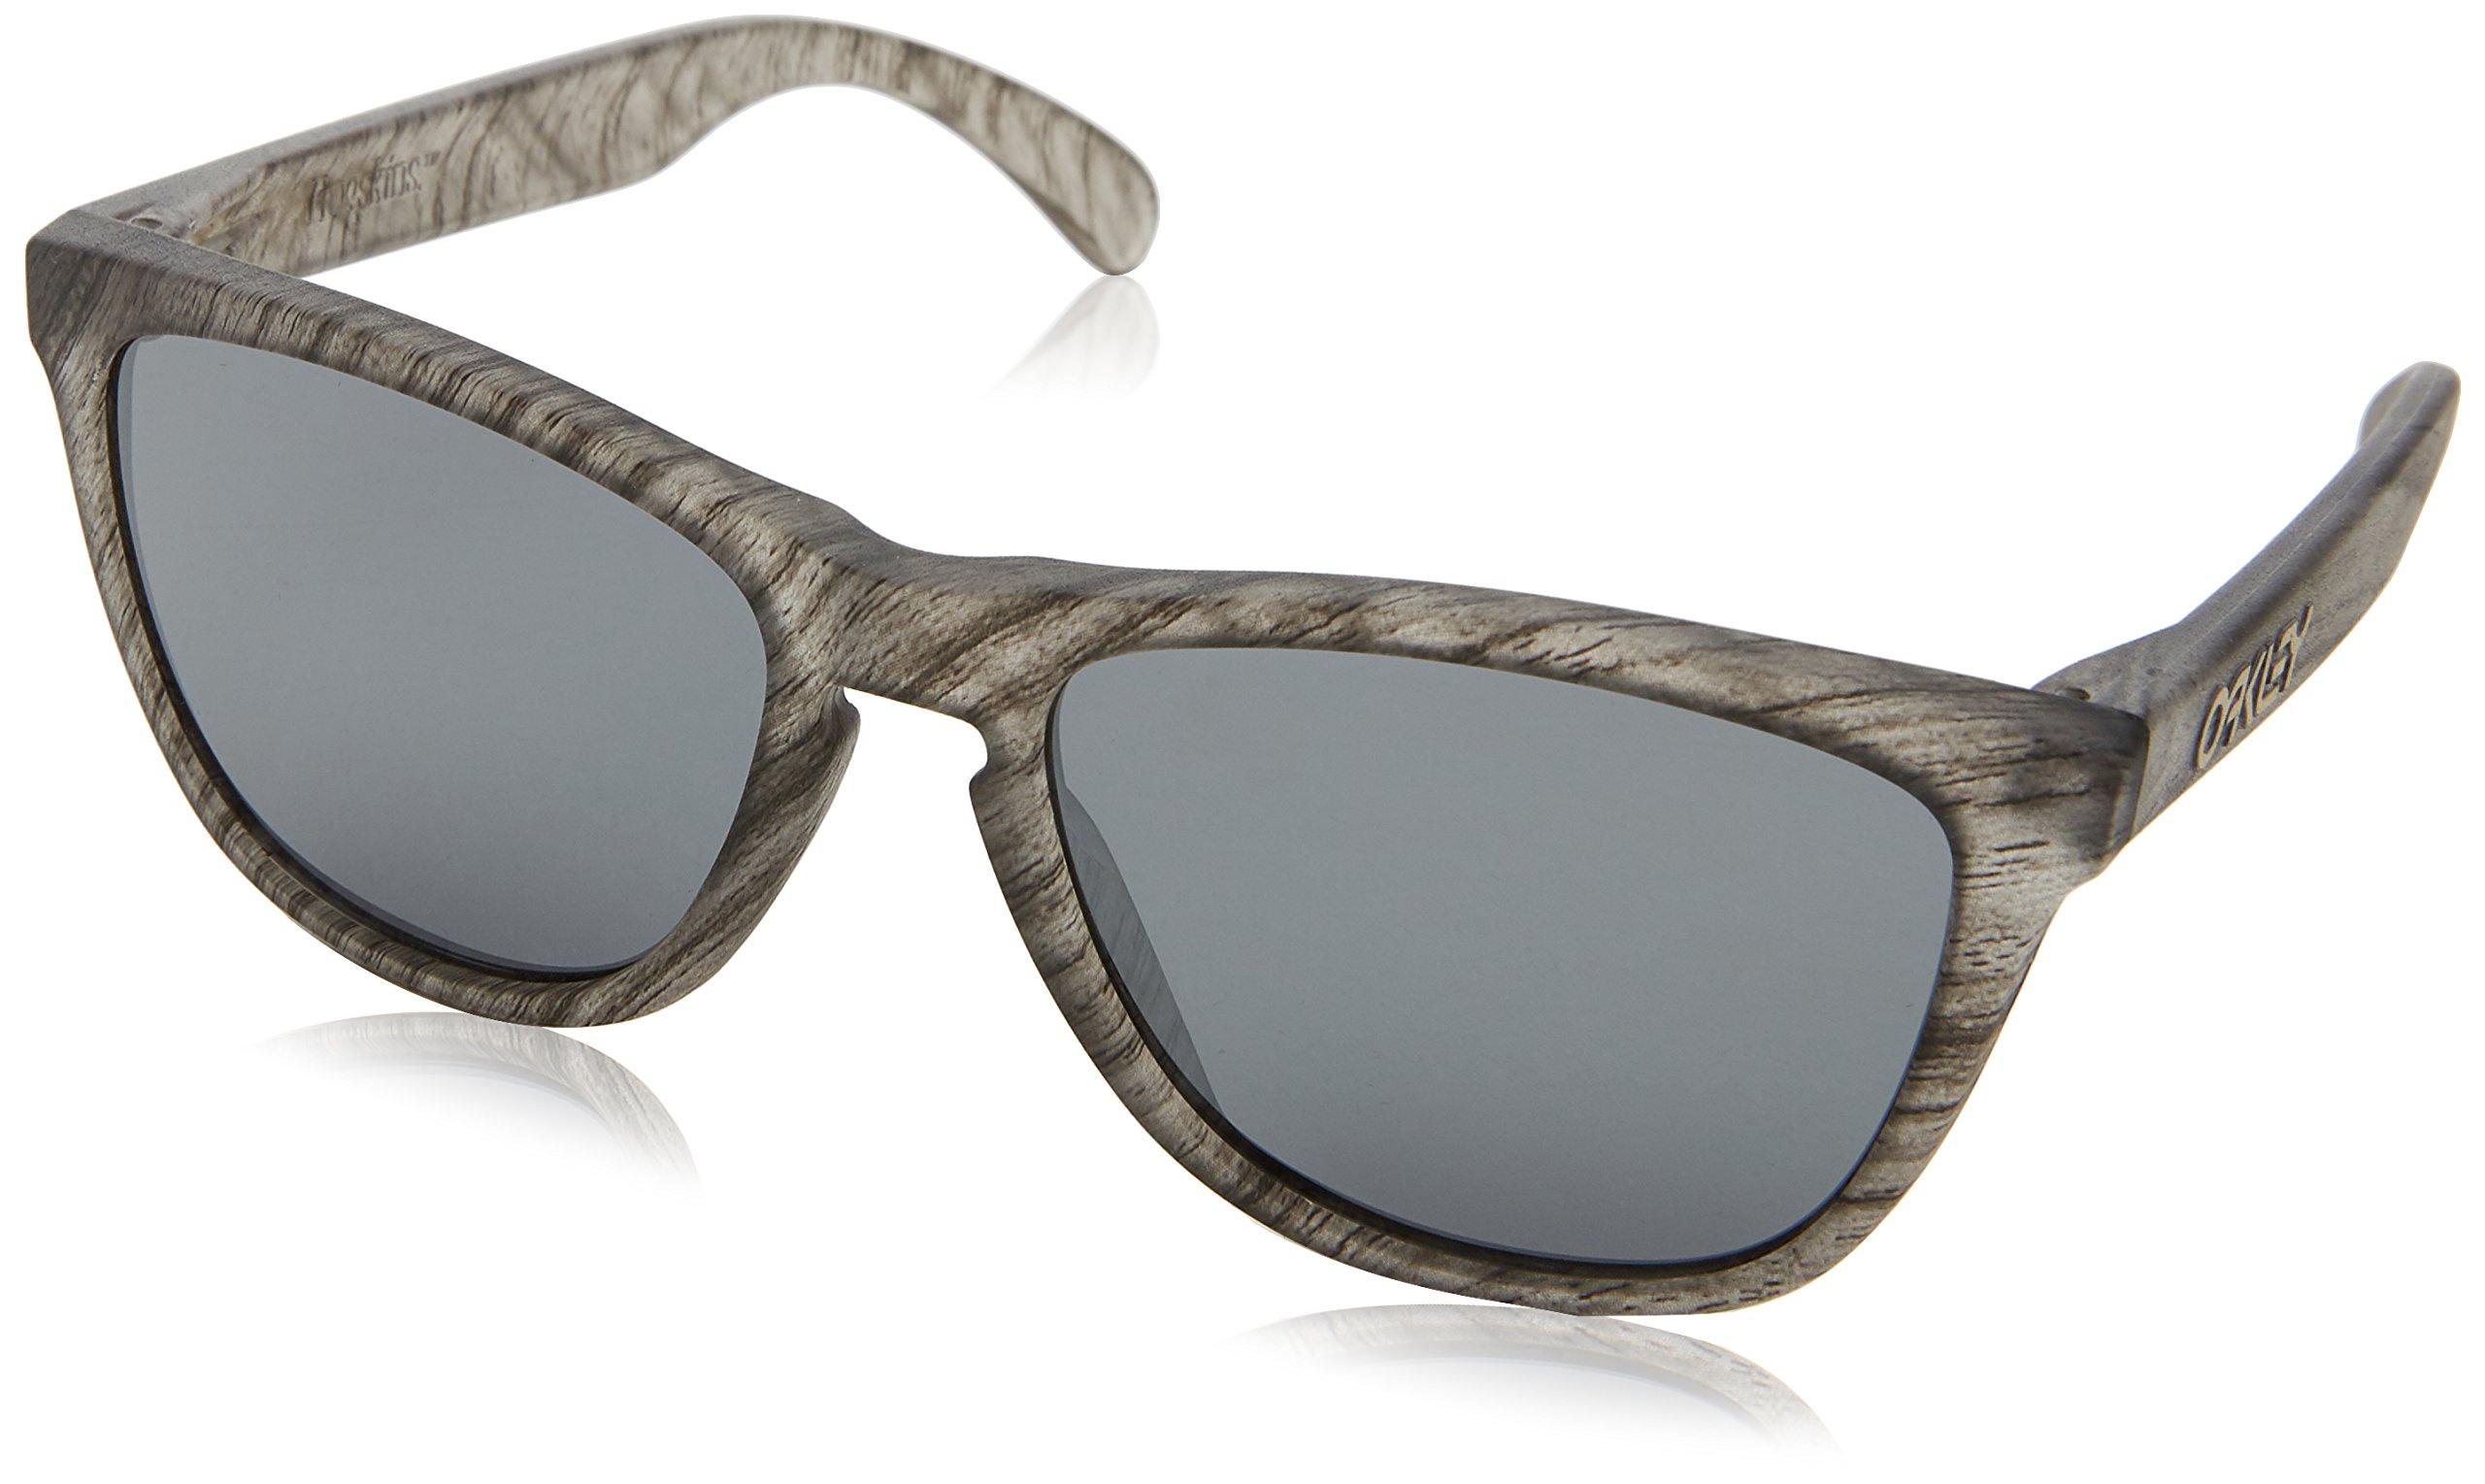 a4c72f528 Galleon - Oakley Men's Frogskins Non-Polarized Iridium Square Sunglasses,  MATTE CLEAR WOODGRAIN, 55 Mm